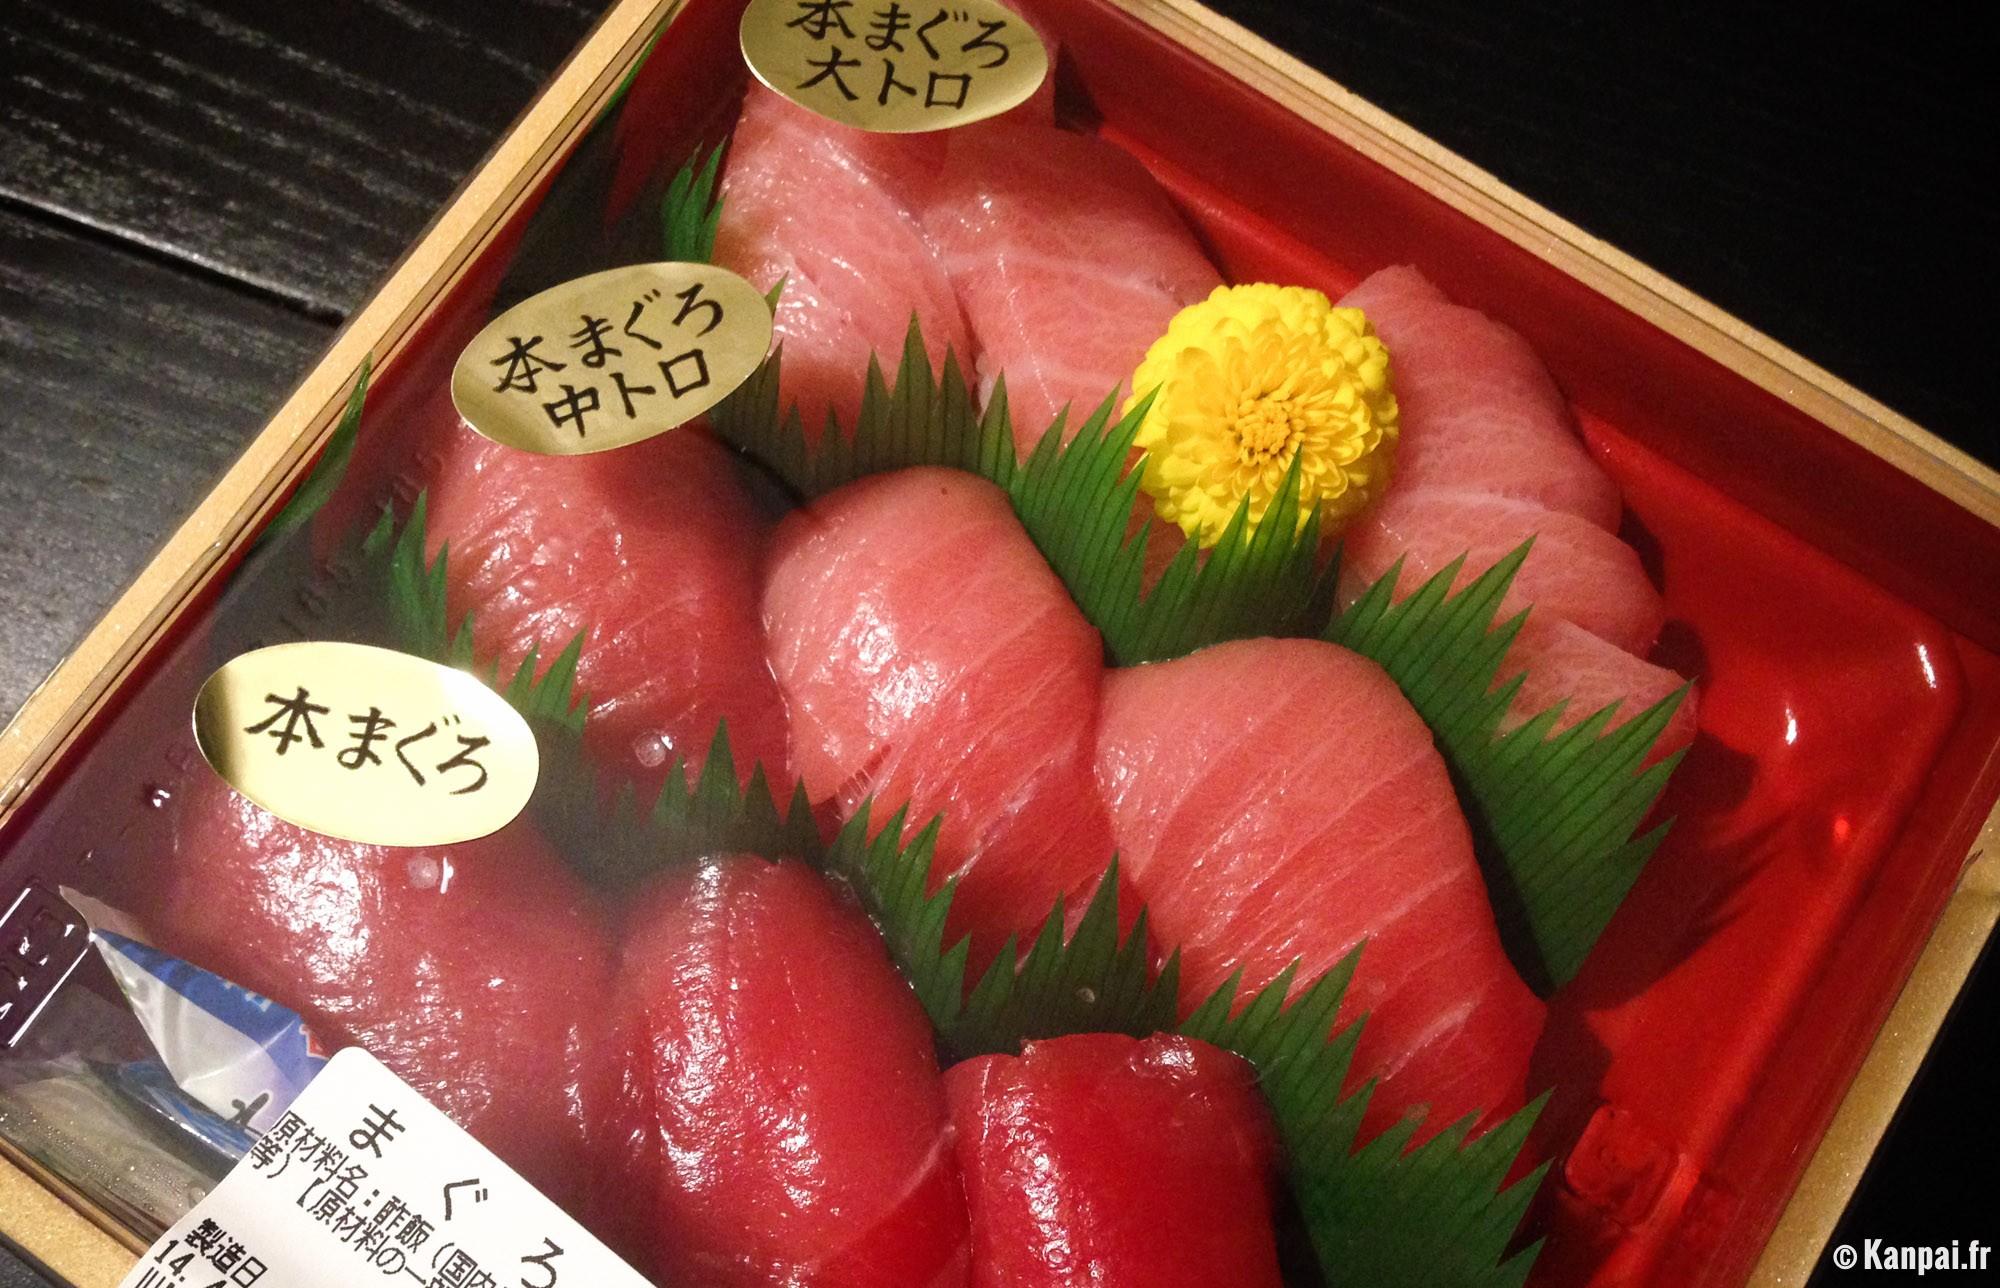 Grossesse - Quels poissons manger pendant la grossesse